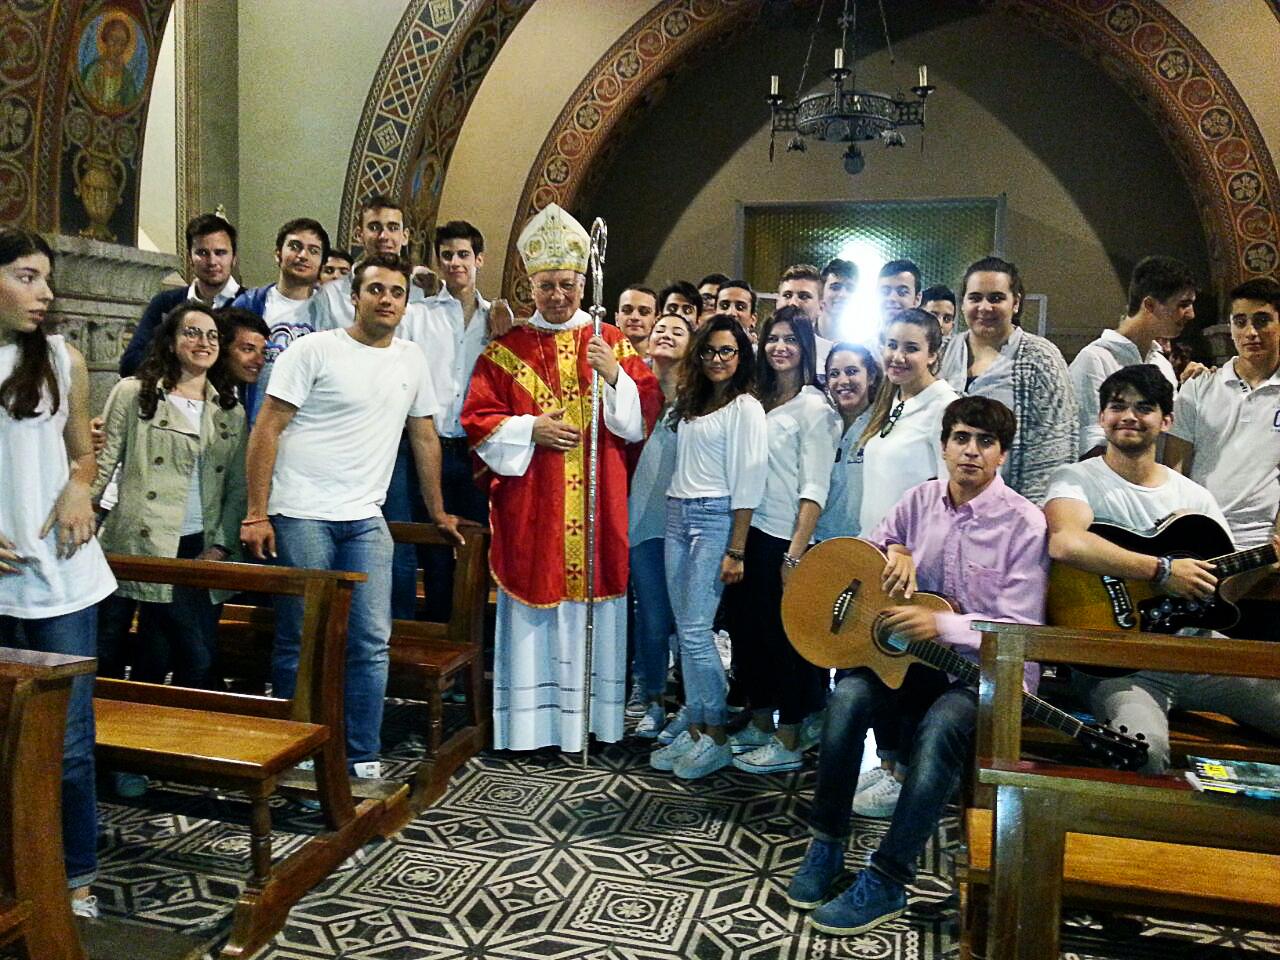 visita vescovo Ragonesi - Visita del Vescovo della diocesi di Viterbo, Lino Fumagalli, presso l'istituto - 5 giugno 2015